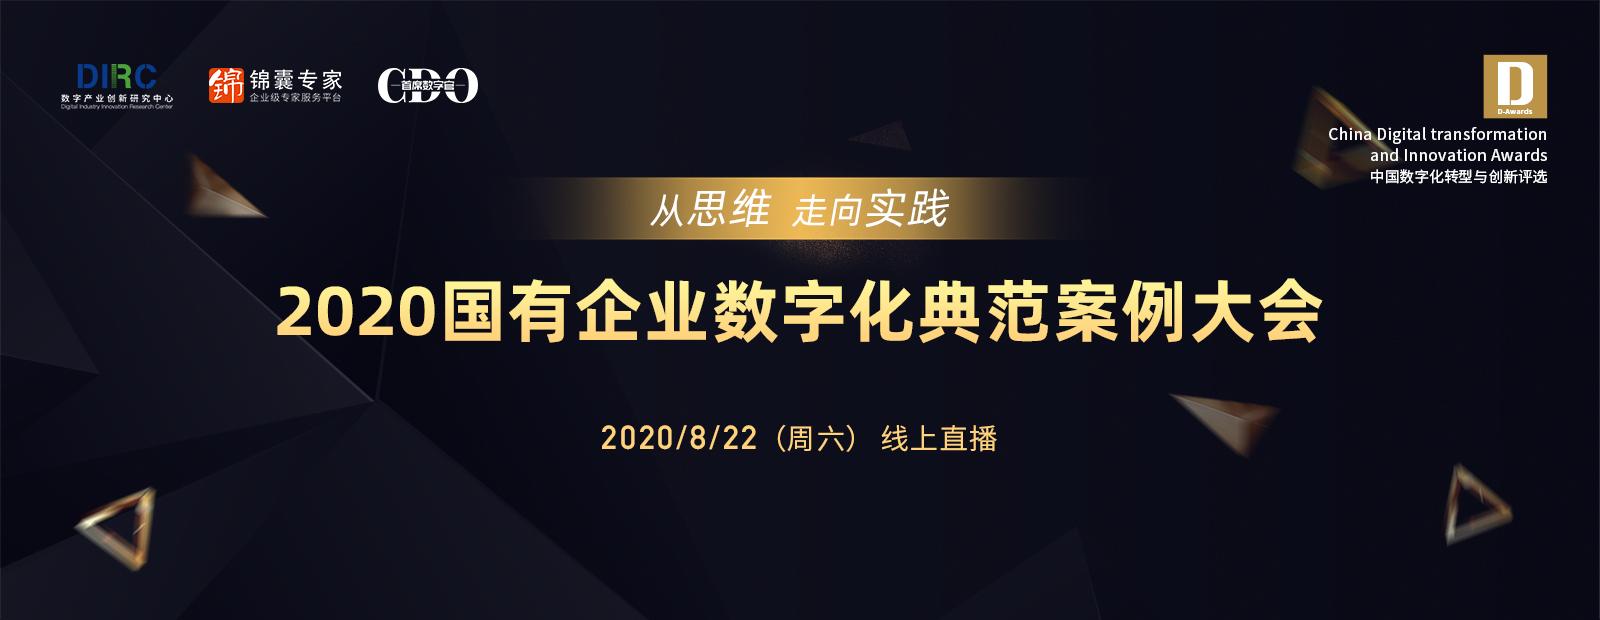 《中国数字企业白皮书-国企与民企对标篇》报告首发解读丨2020国有企业数字化转型案例大会